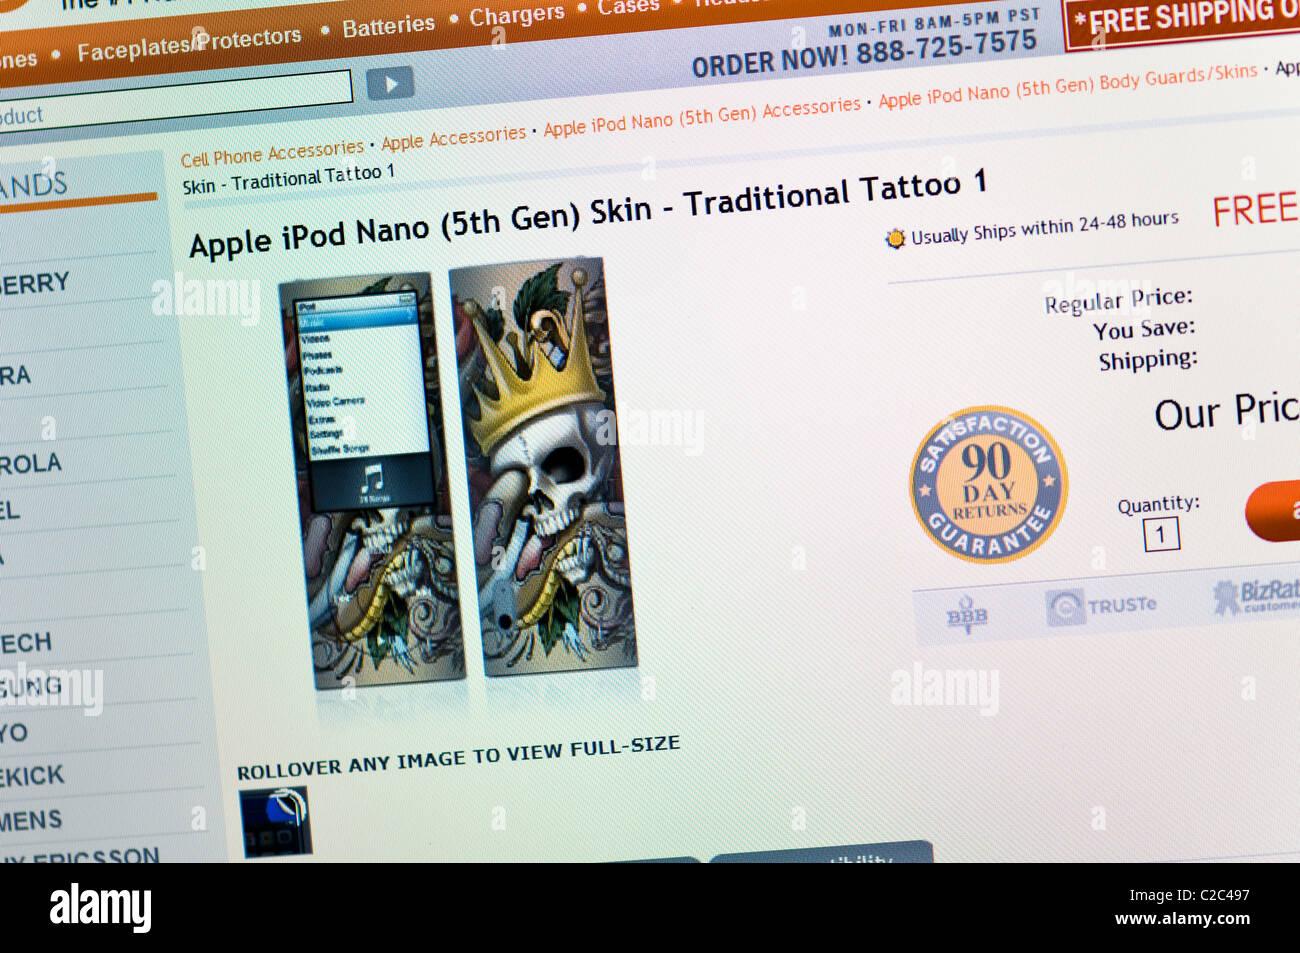 WE website screenshot - Stock Image